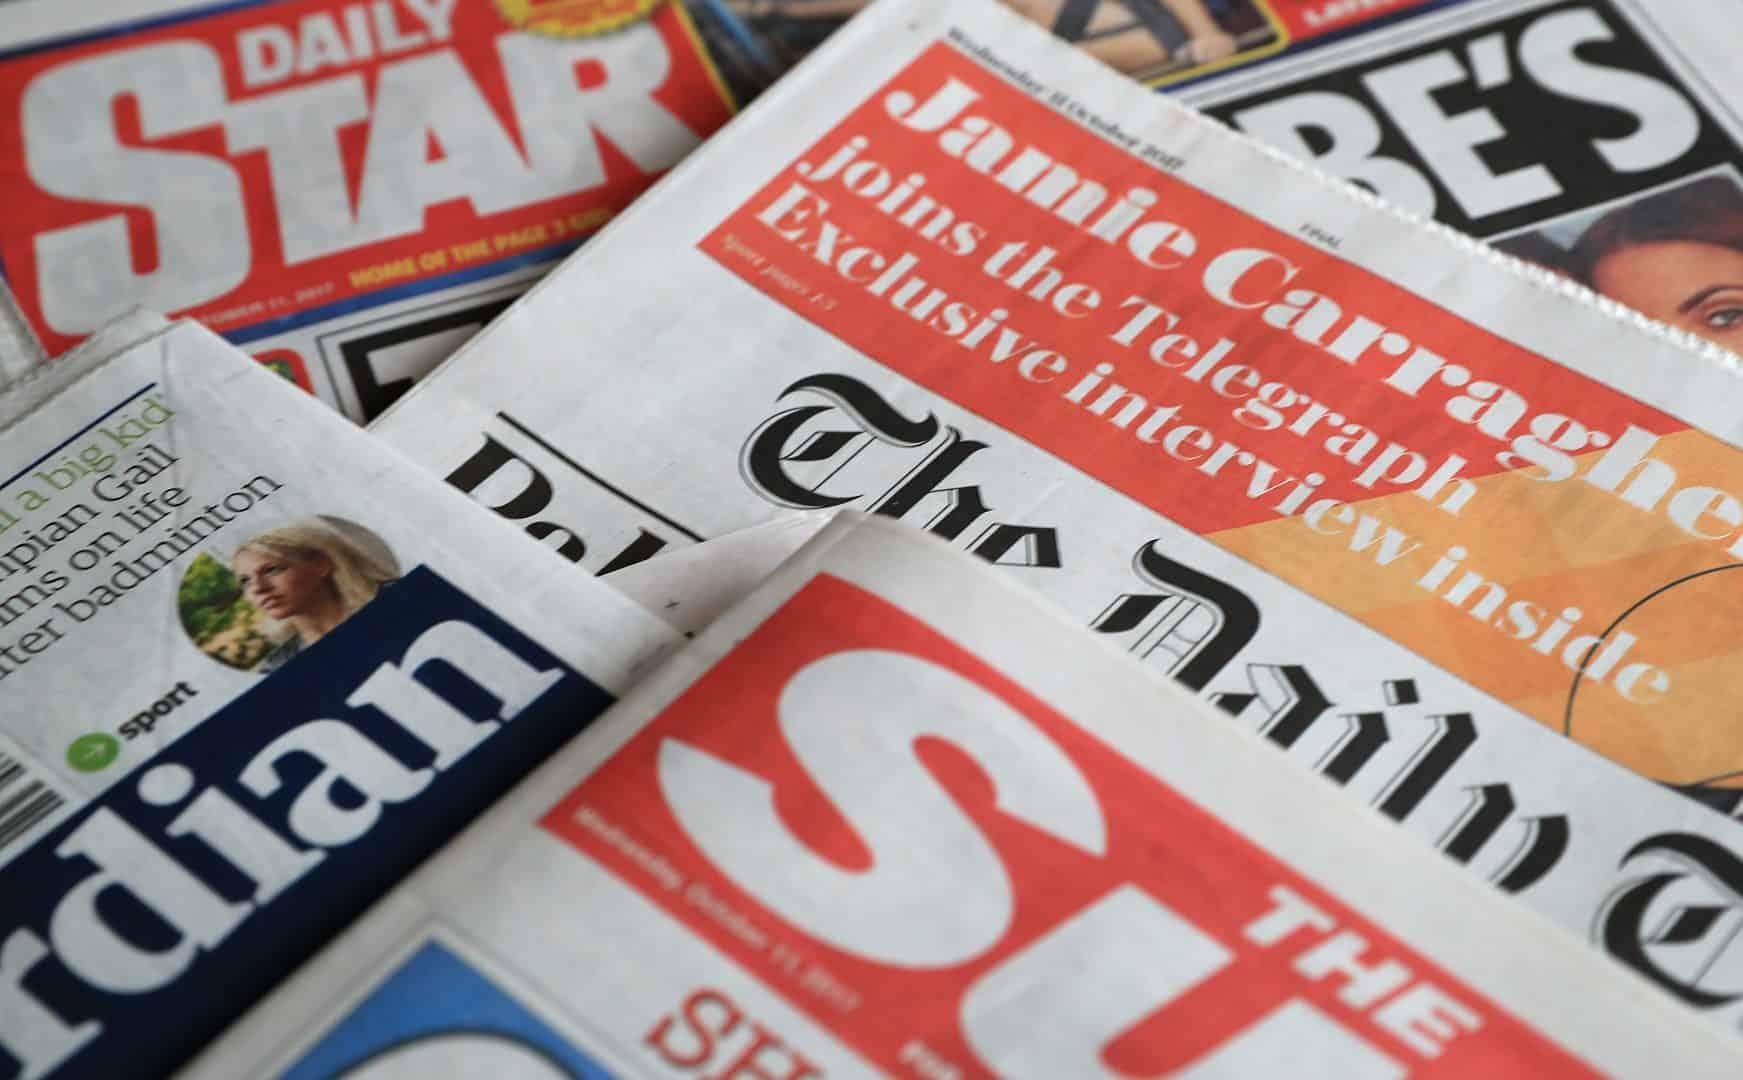 Primele pagini ale presei britanice: între discursul istoric al Reginei și internarea premierului Boris Johnson